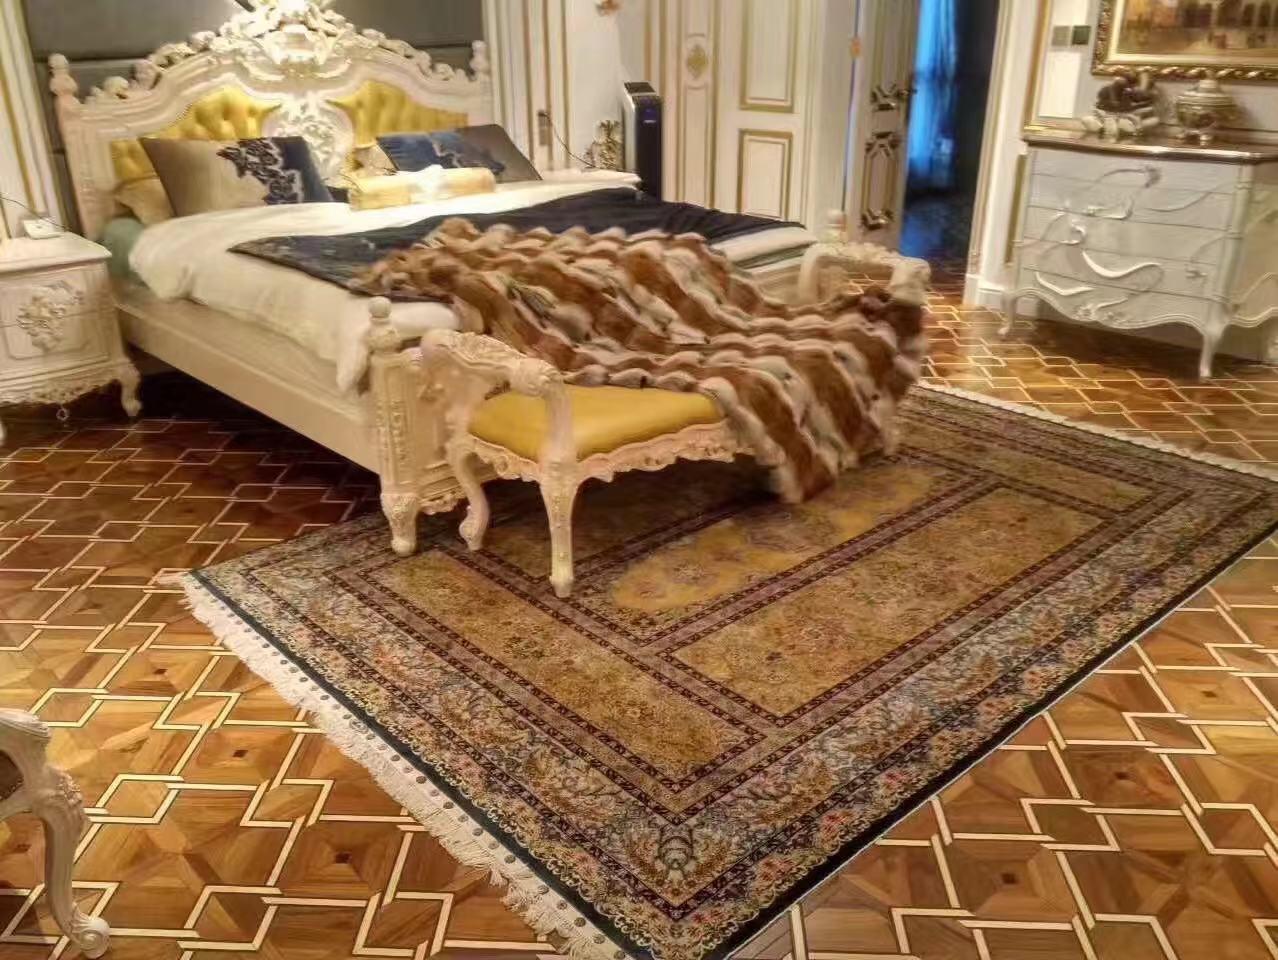 同奔驰一样品质的手工真丝古代地毯 6x9 ft 蚕丝古老波斯地毯 2